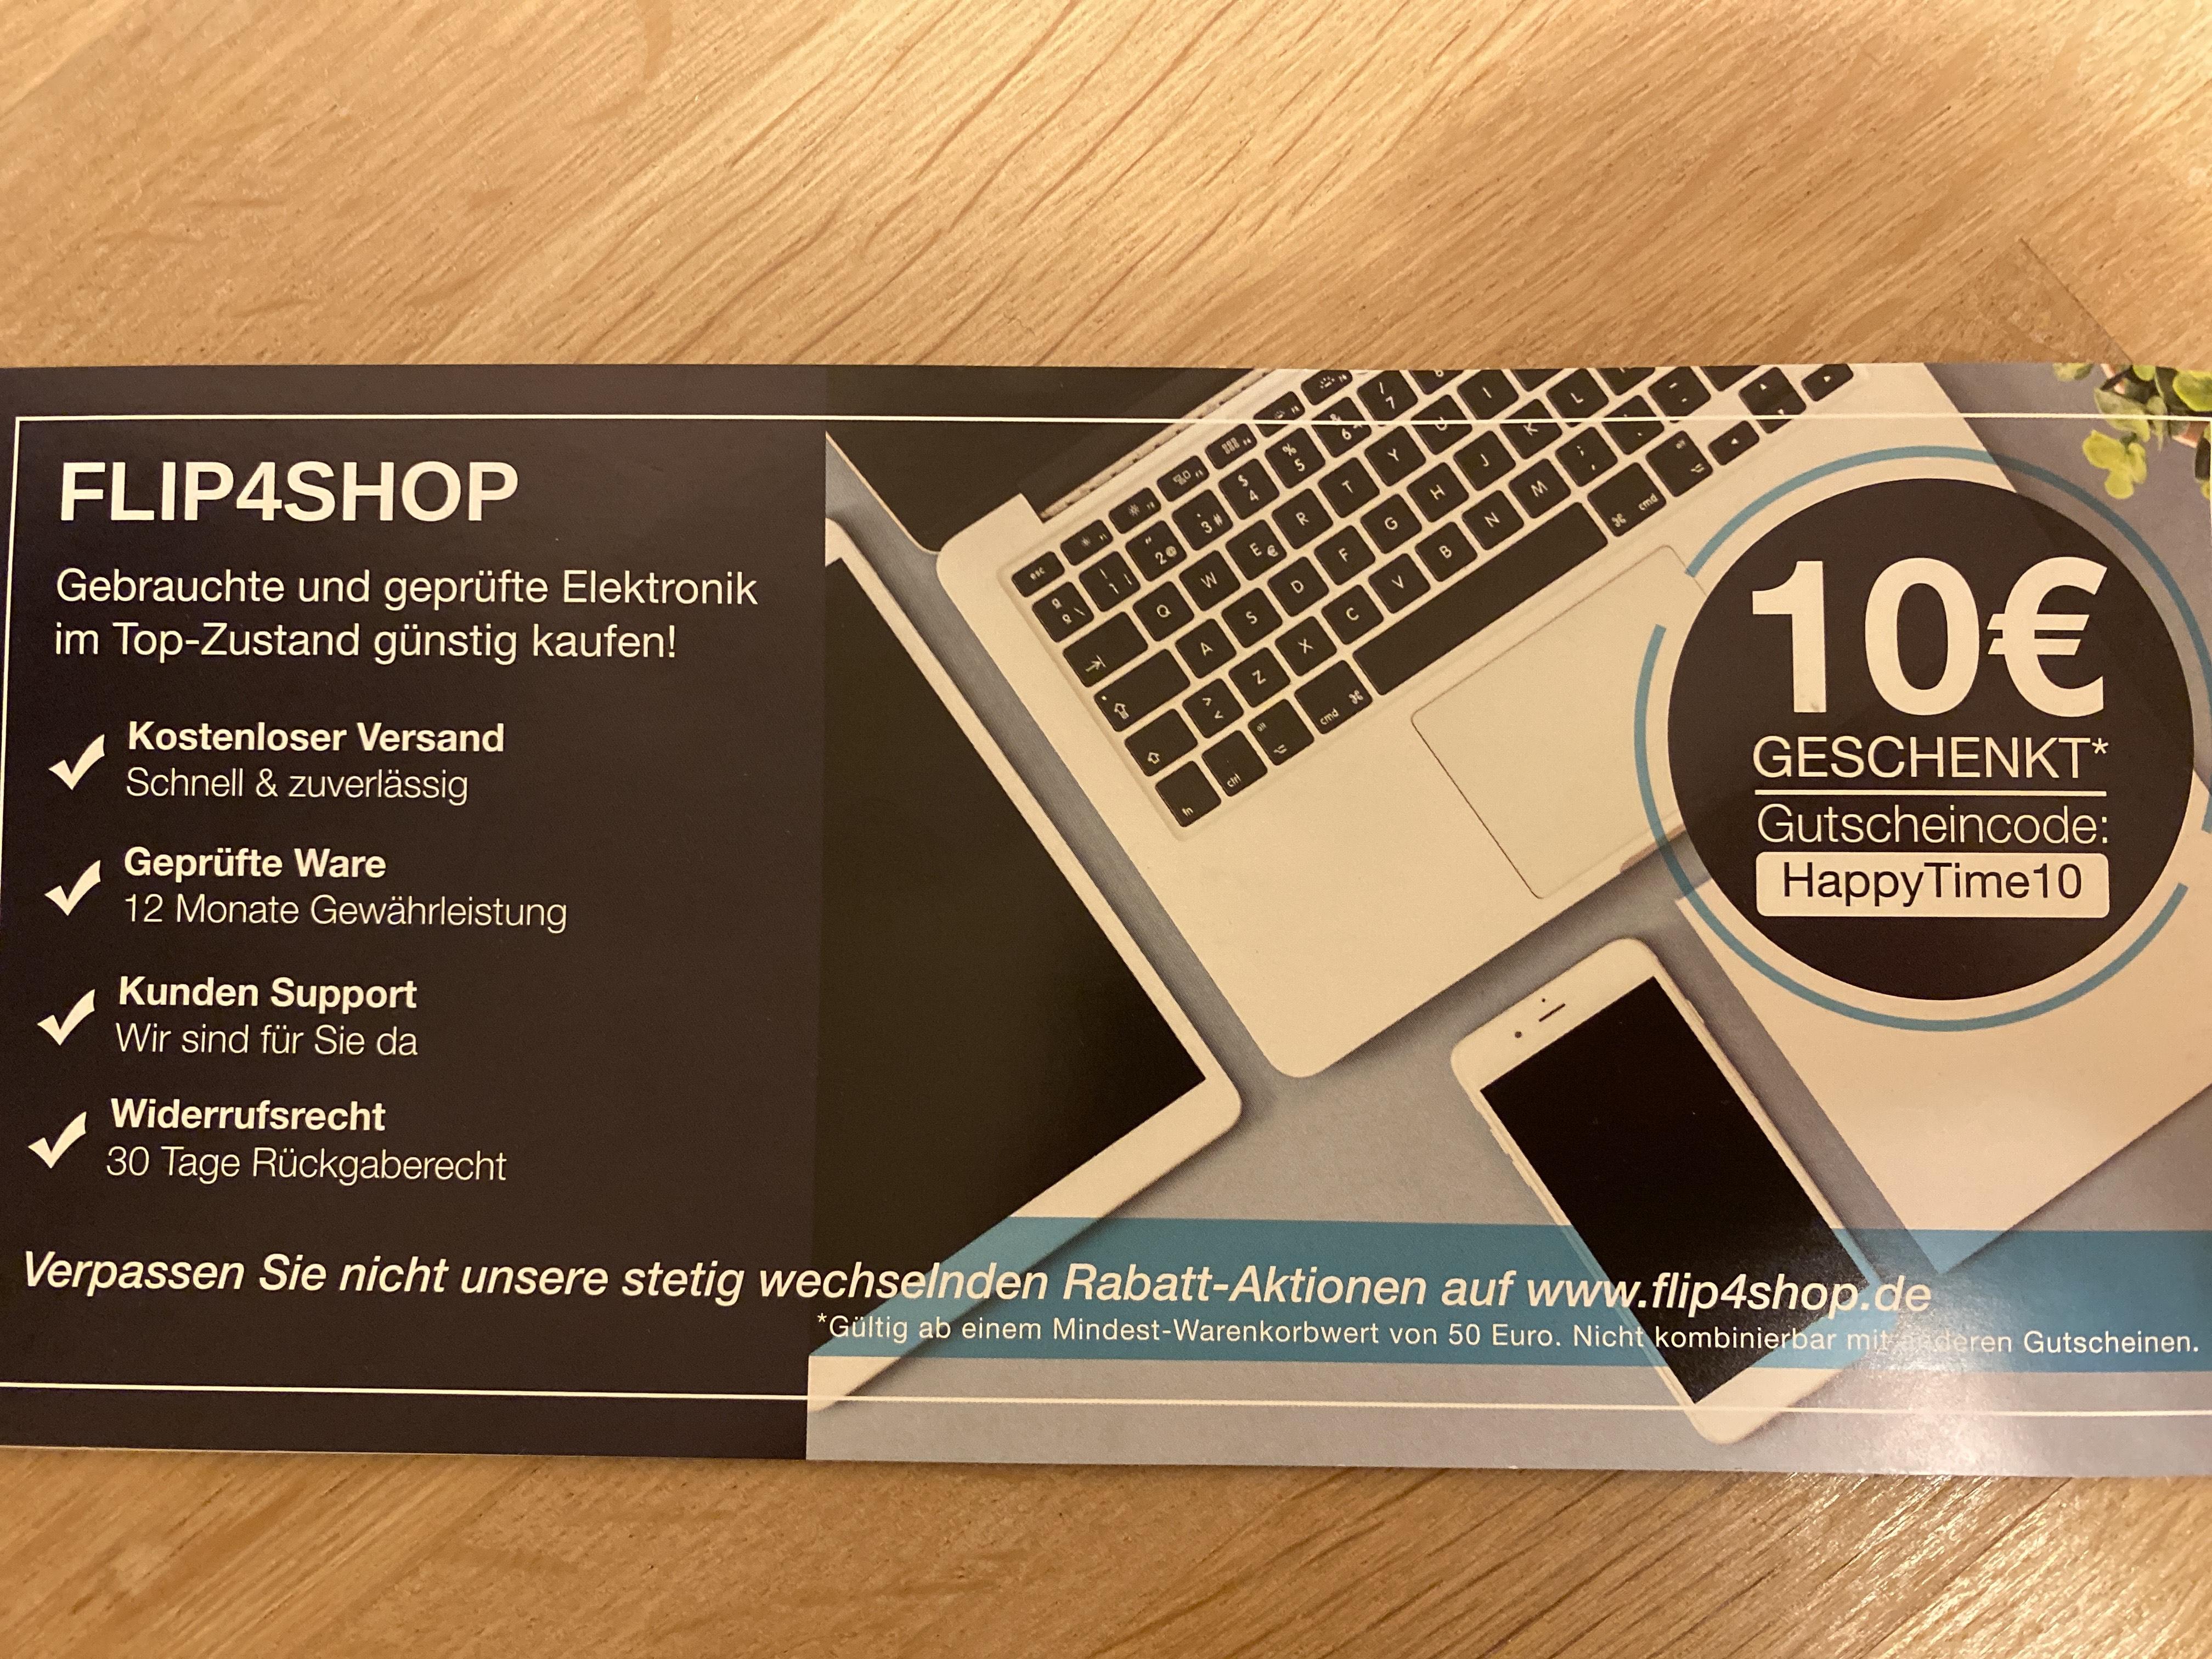 10€ Flip4shop Gutschein MBW 50€ kostenloser Versand